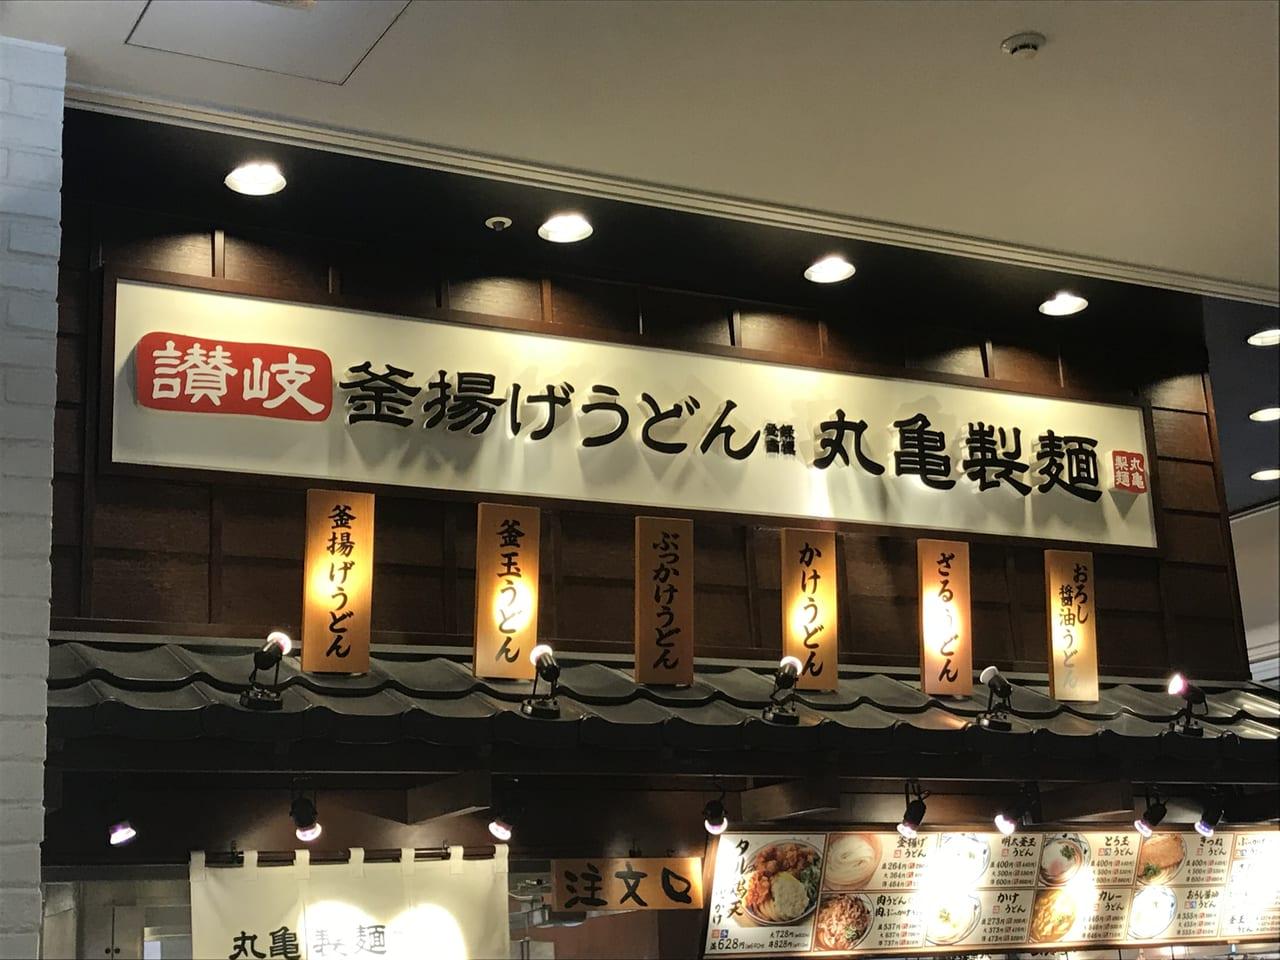 の 麺 製 店舗 丸亀 近く